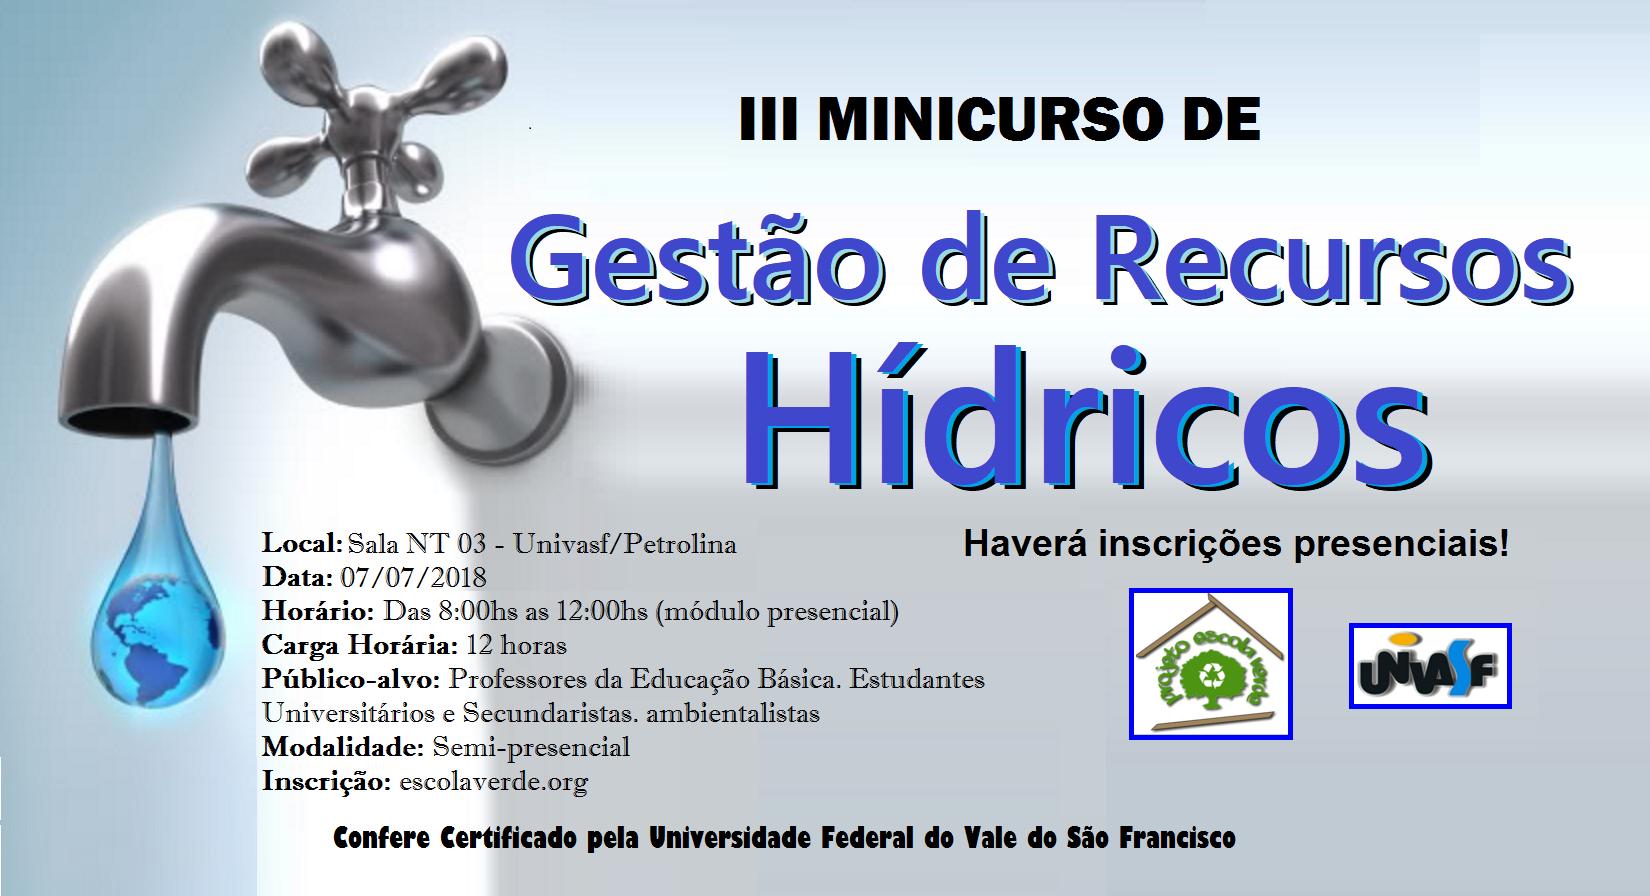 banner do III minicurso de recursos hídricos